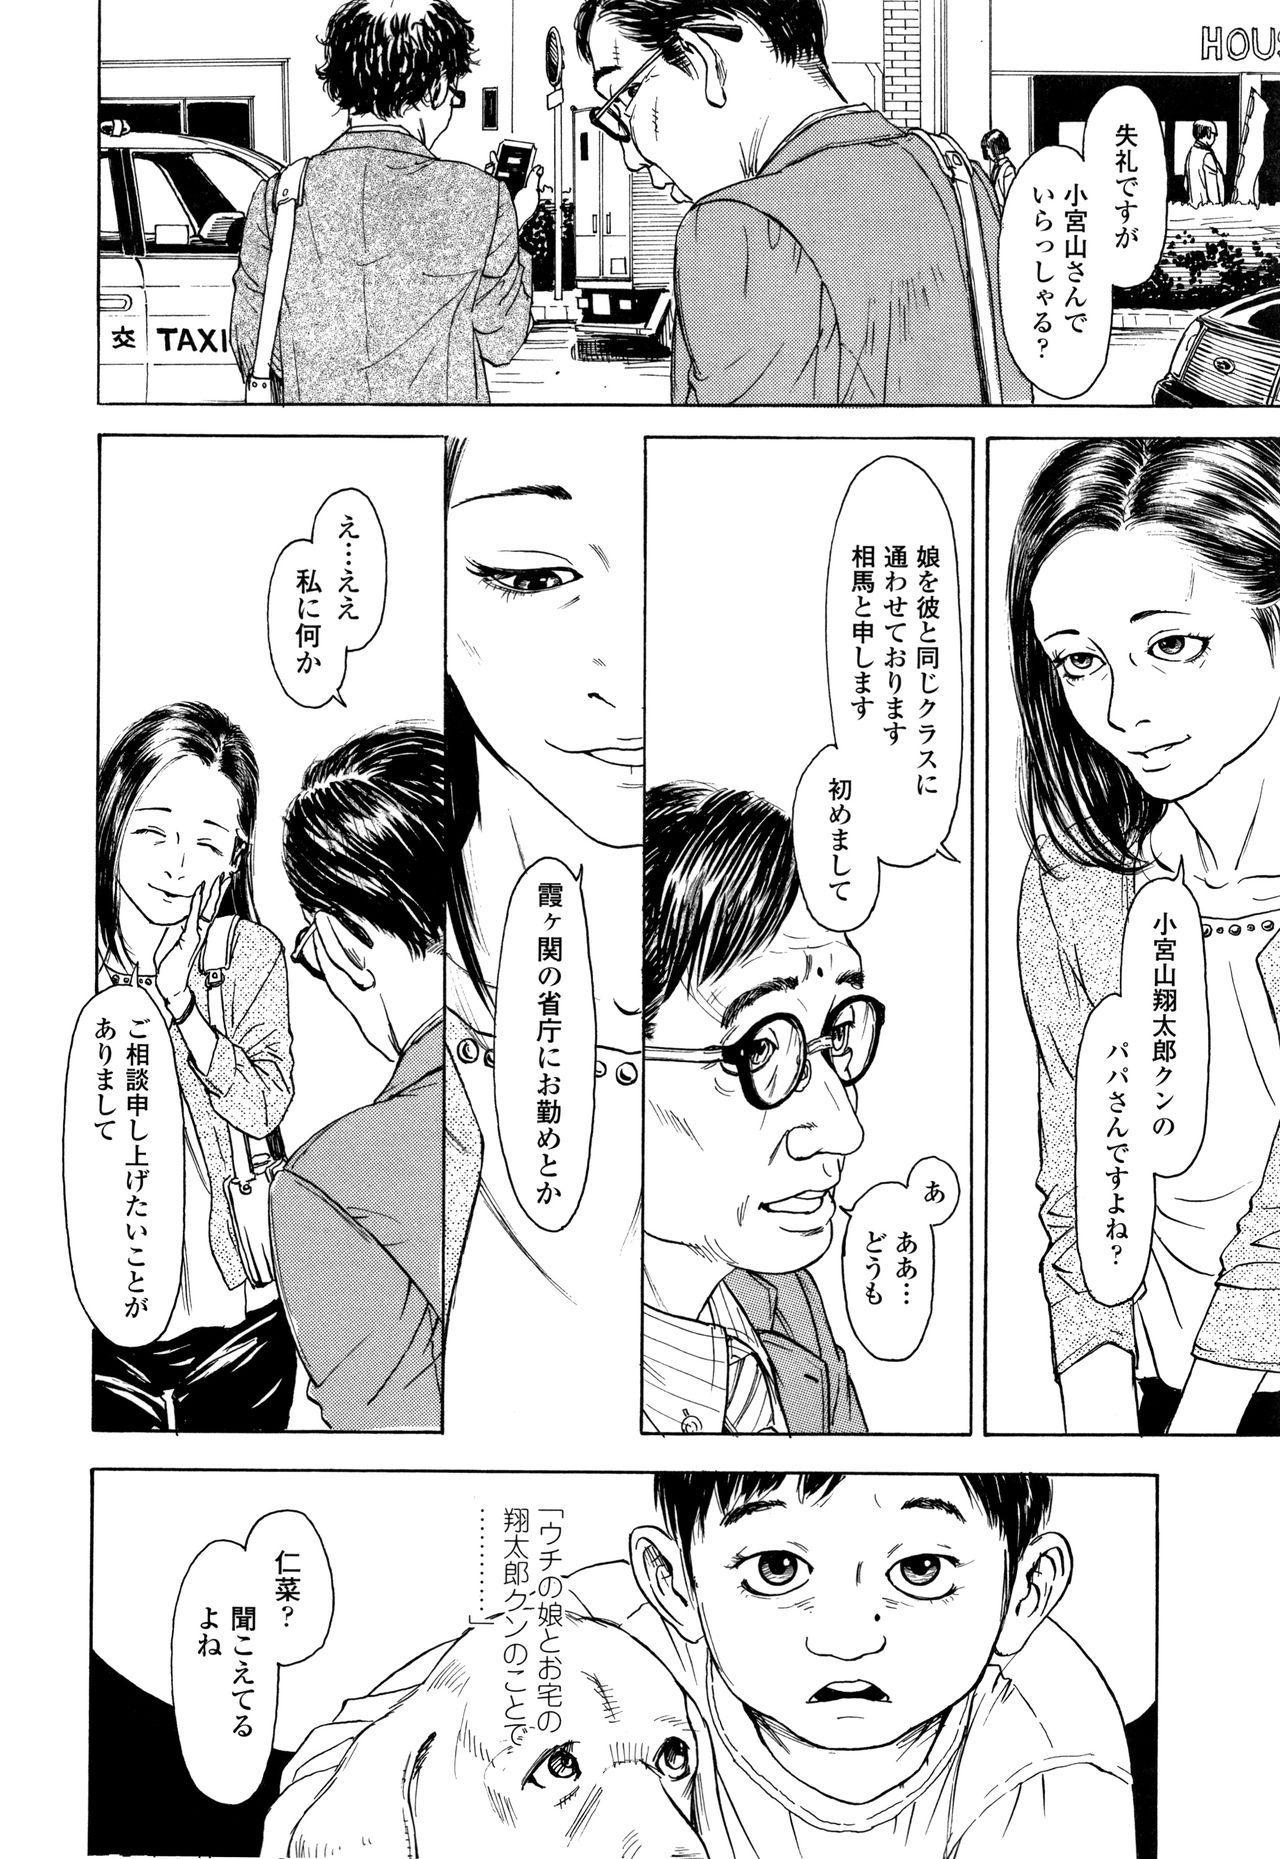 Chiisai Karada ni Shiroi Kage 142